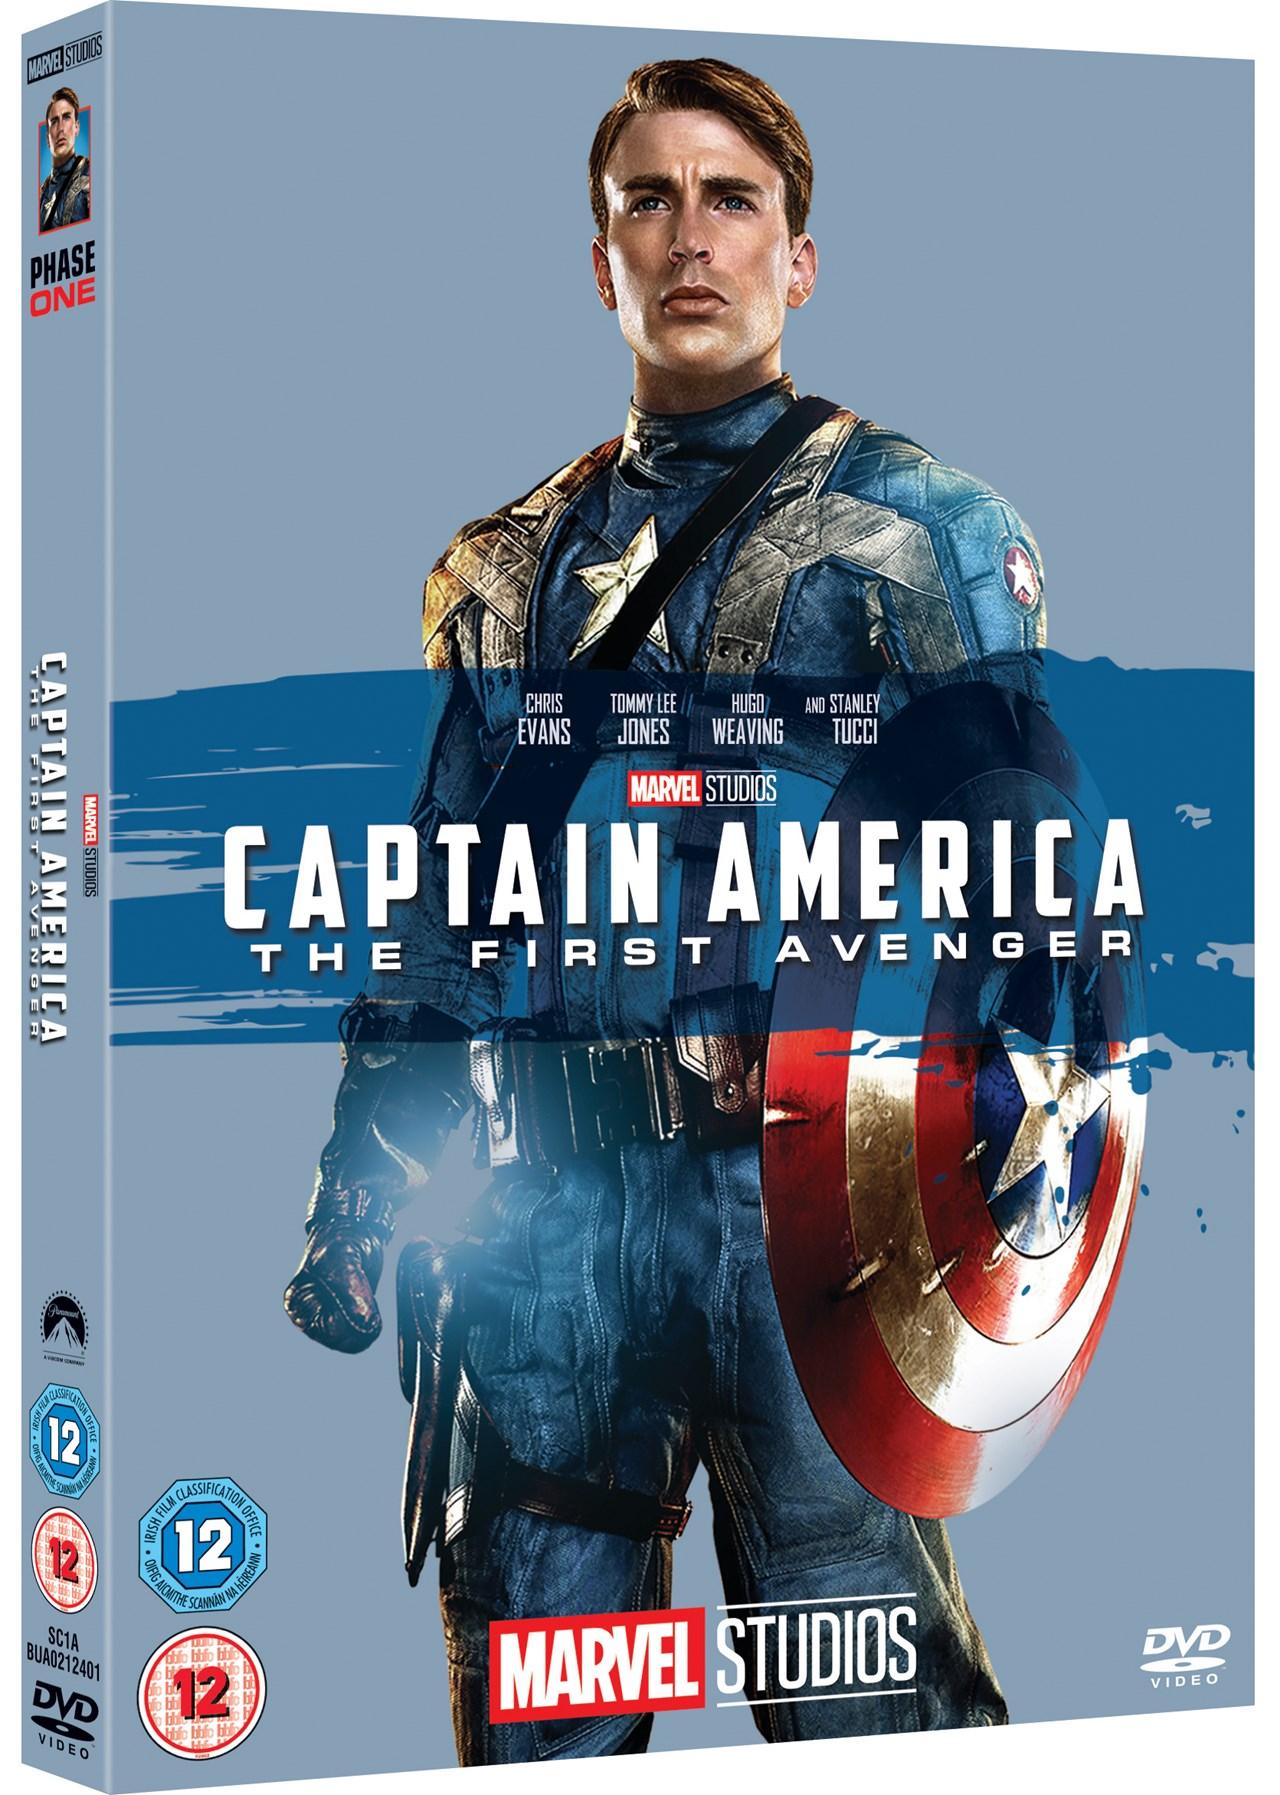 Captain America: The First Avenger - 2